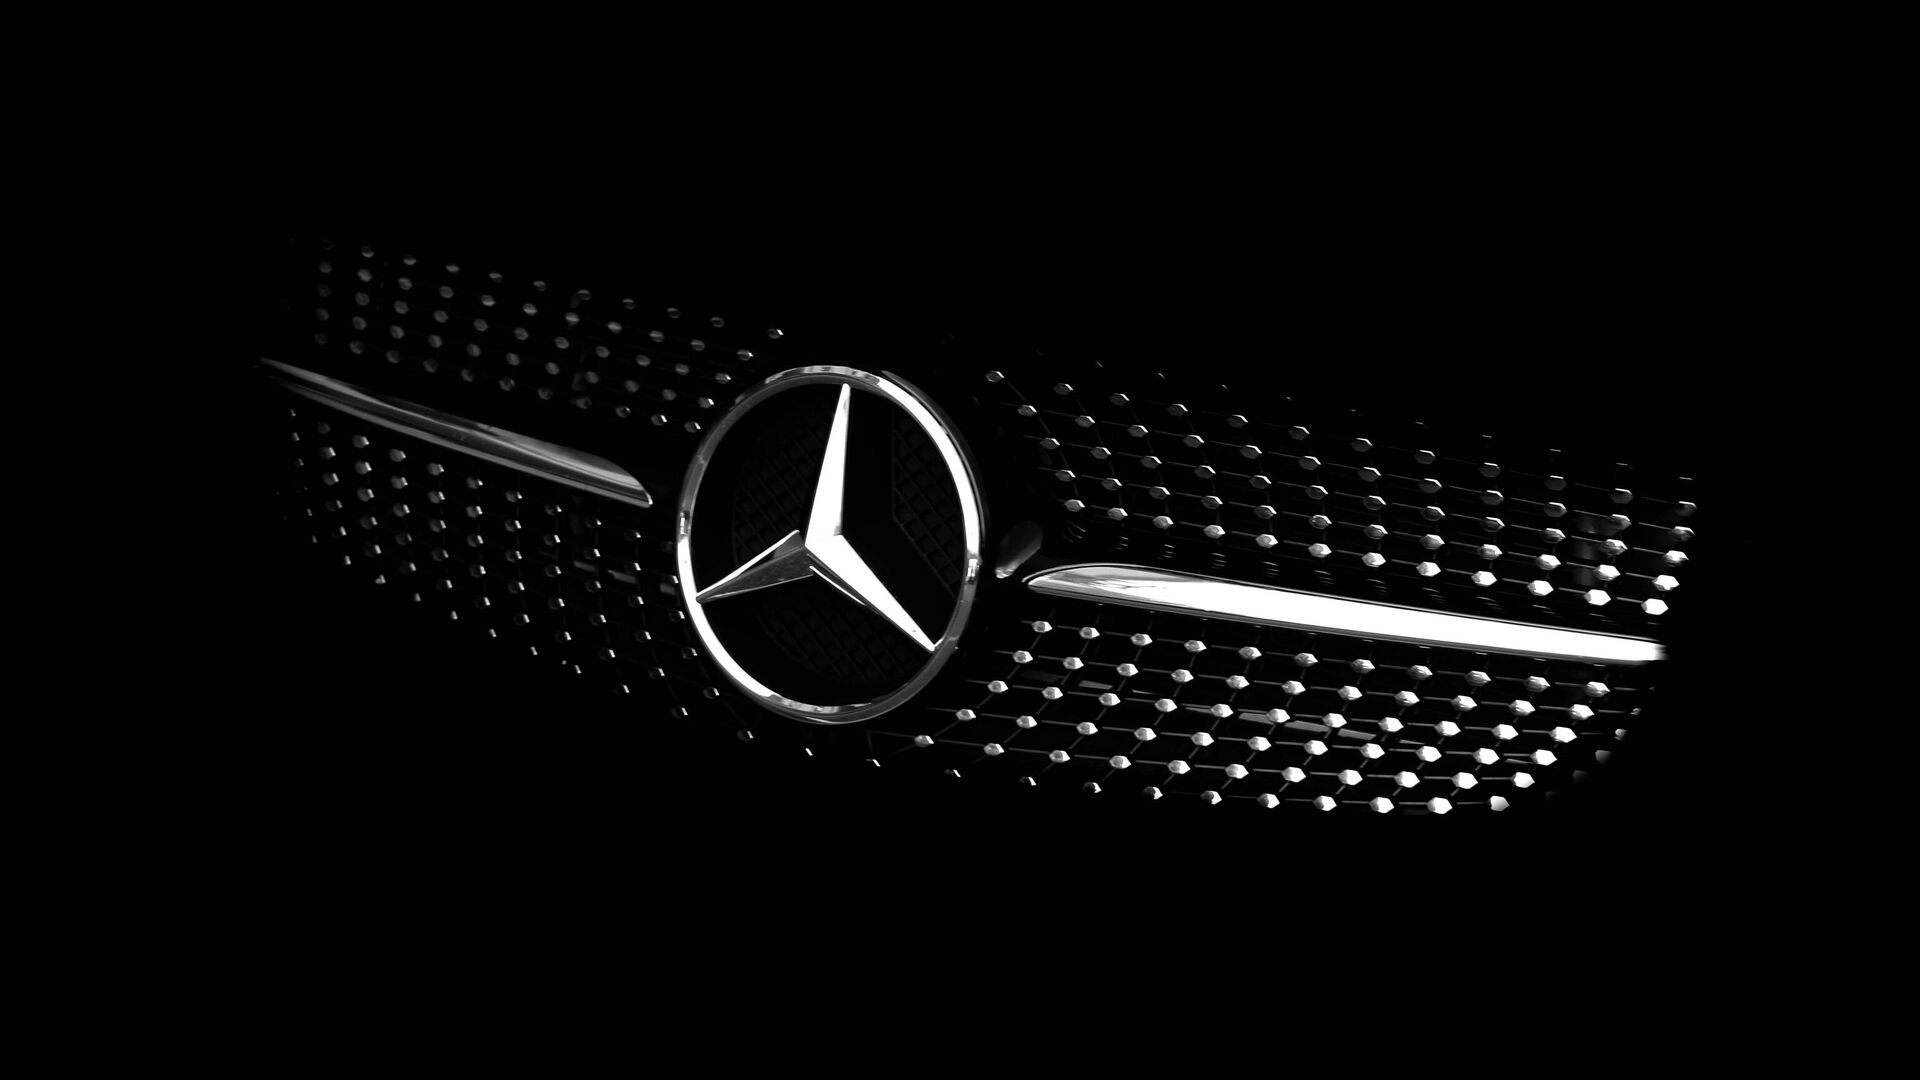 La parte delantera de un automóvil de la marca Mercedes Benz - Sputnik Mundo, 1920, 14.08.2021